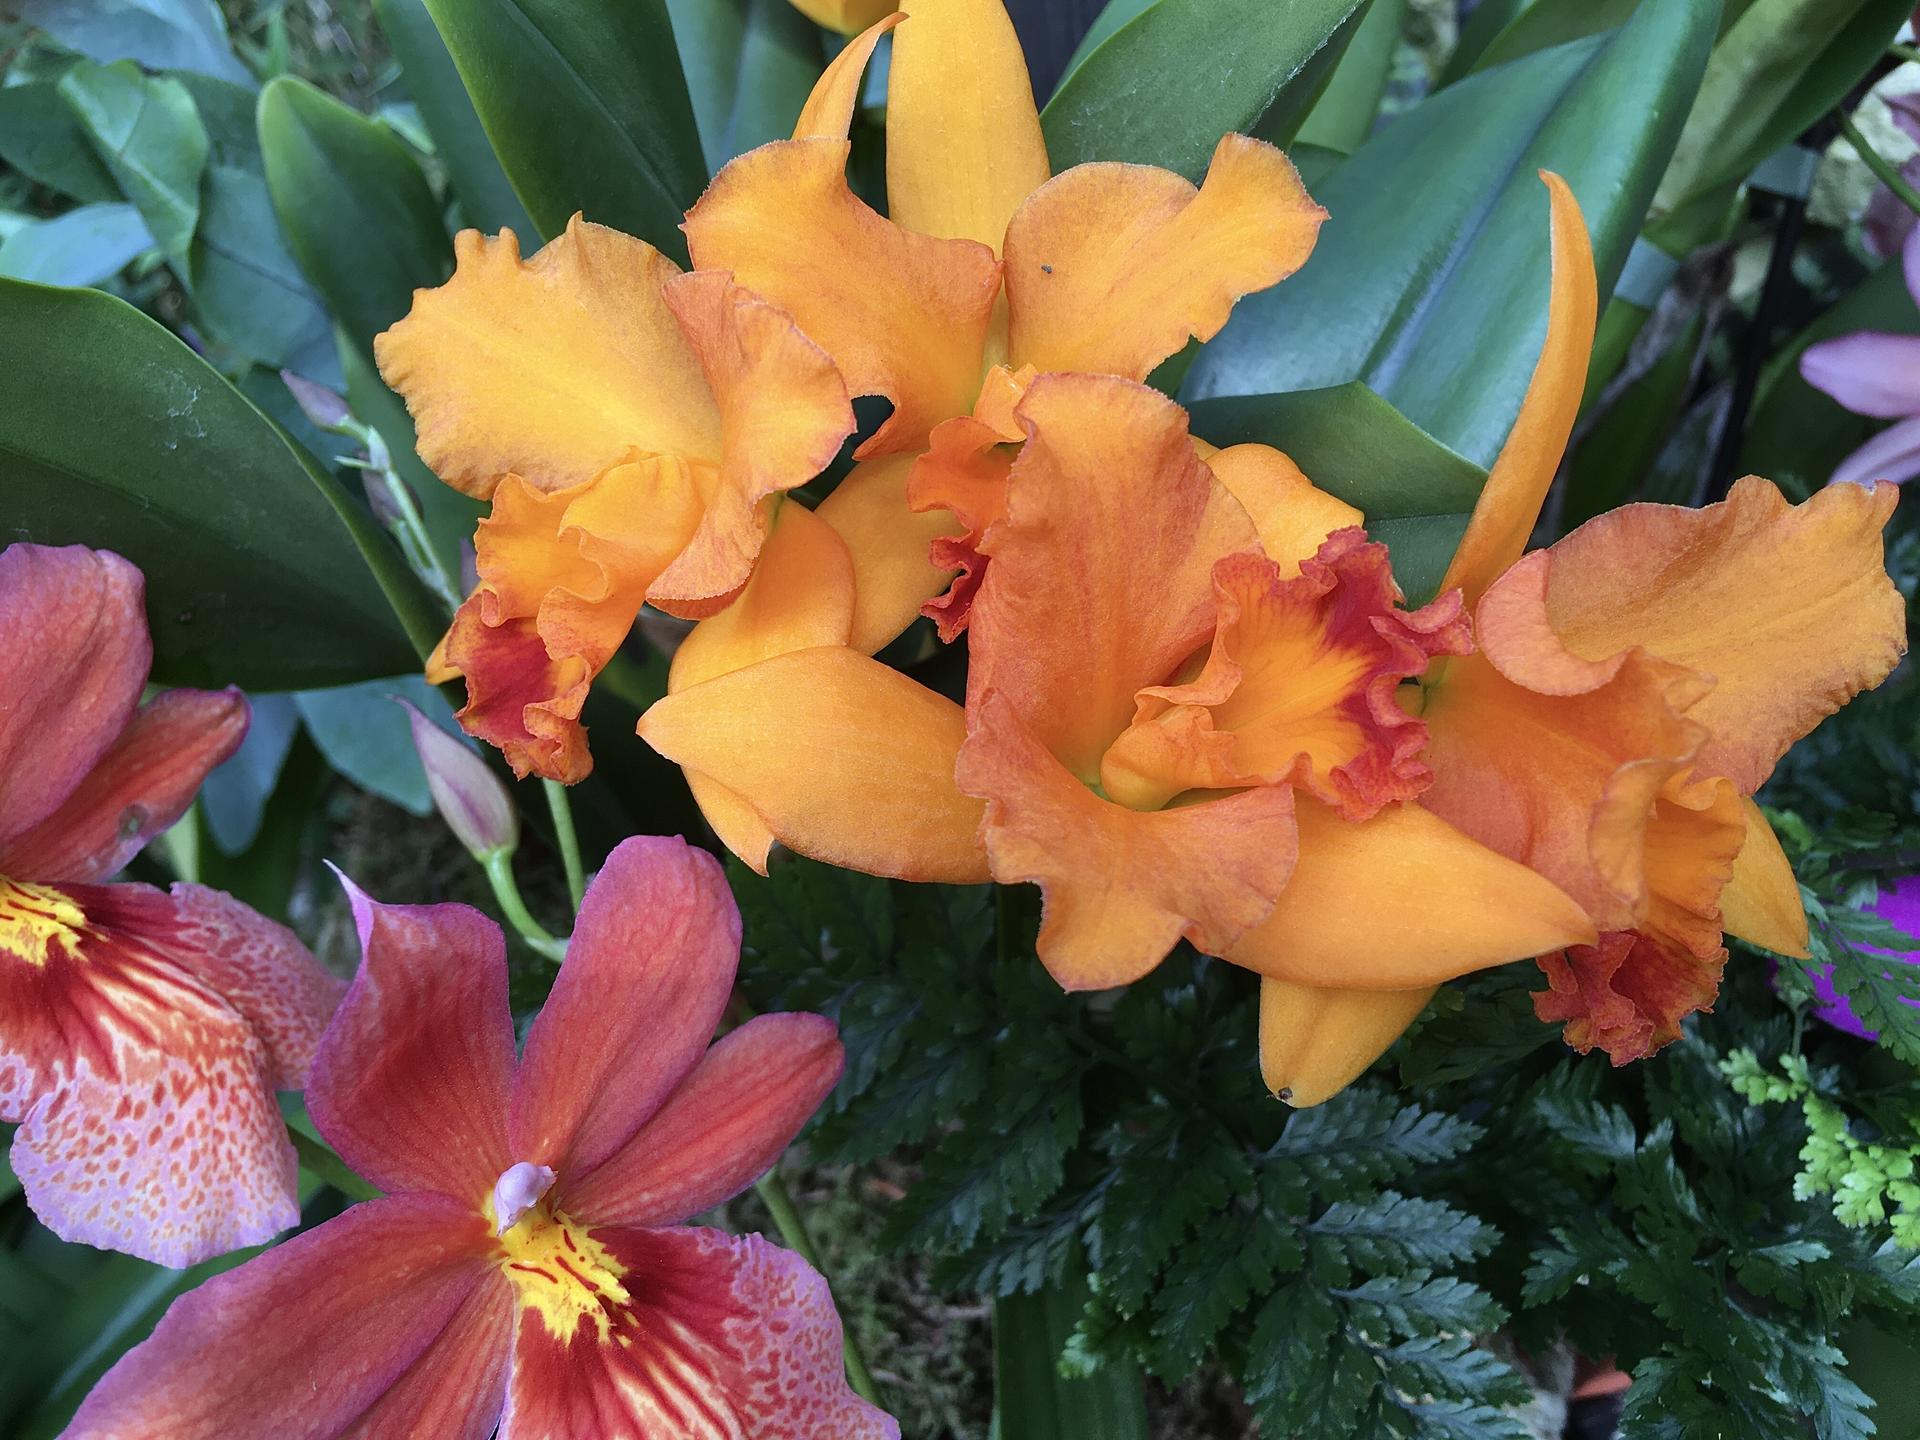 Vystava orchideji 2020 - Obrázek č. 2